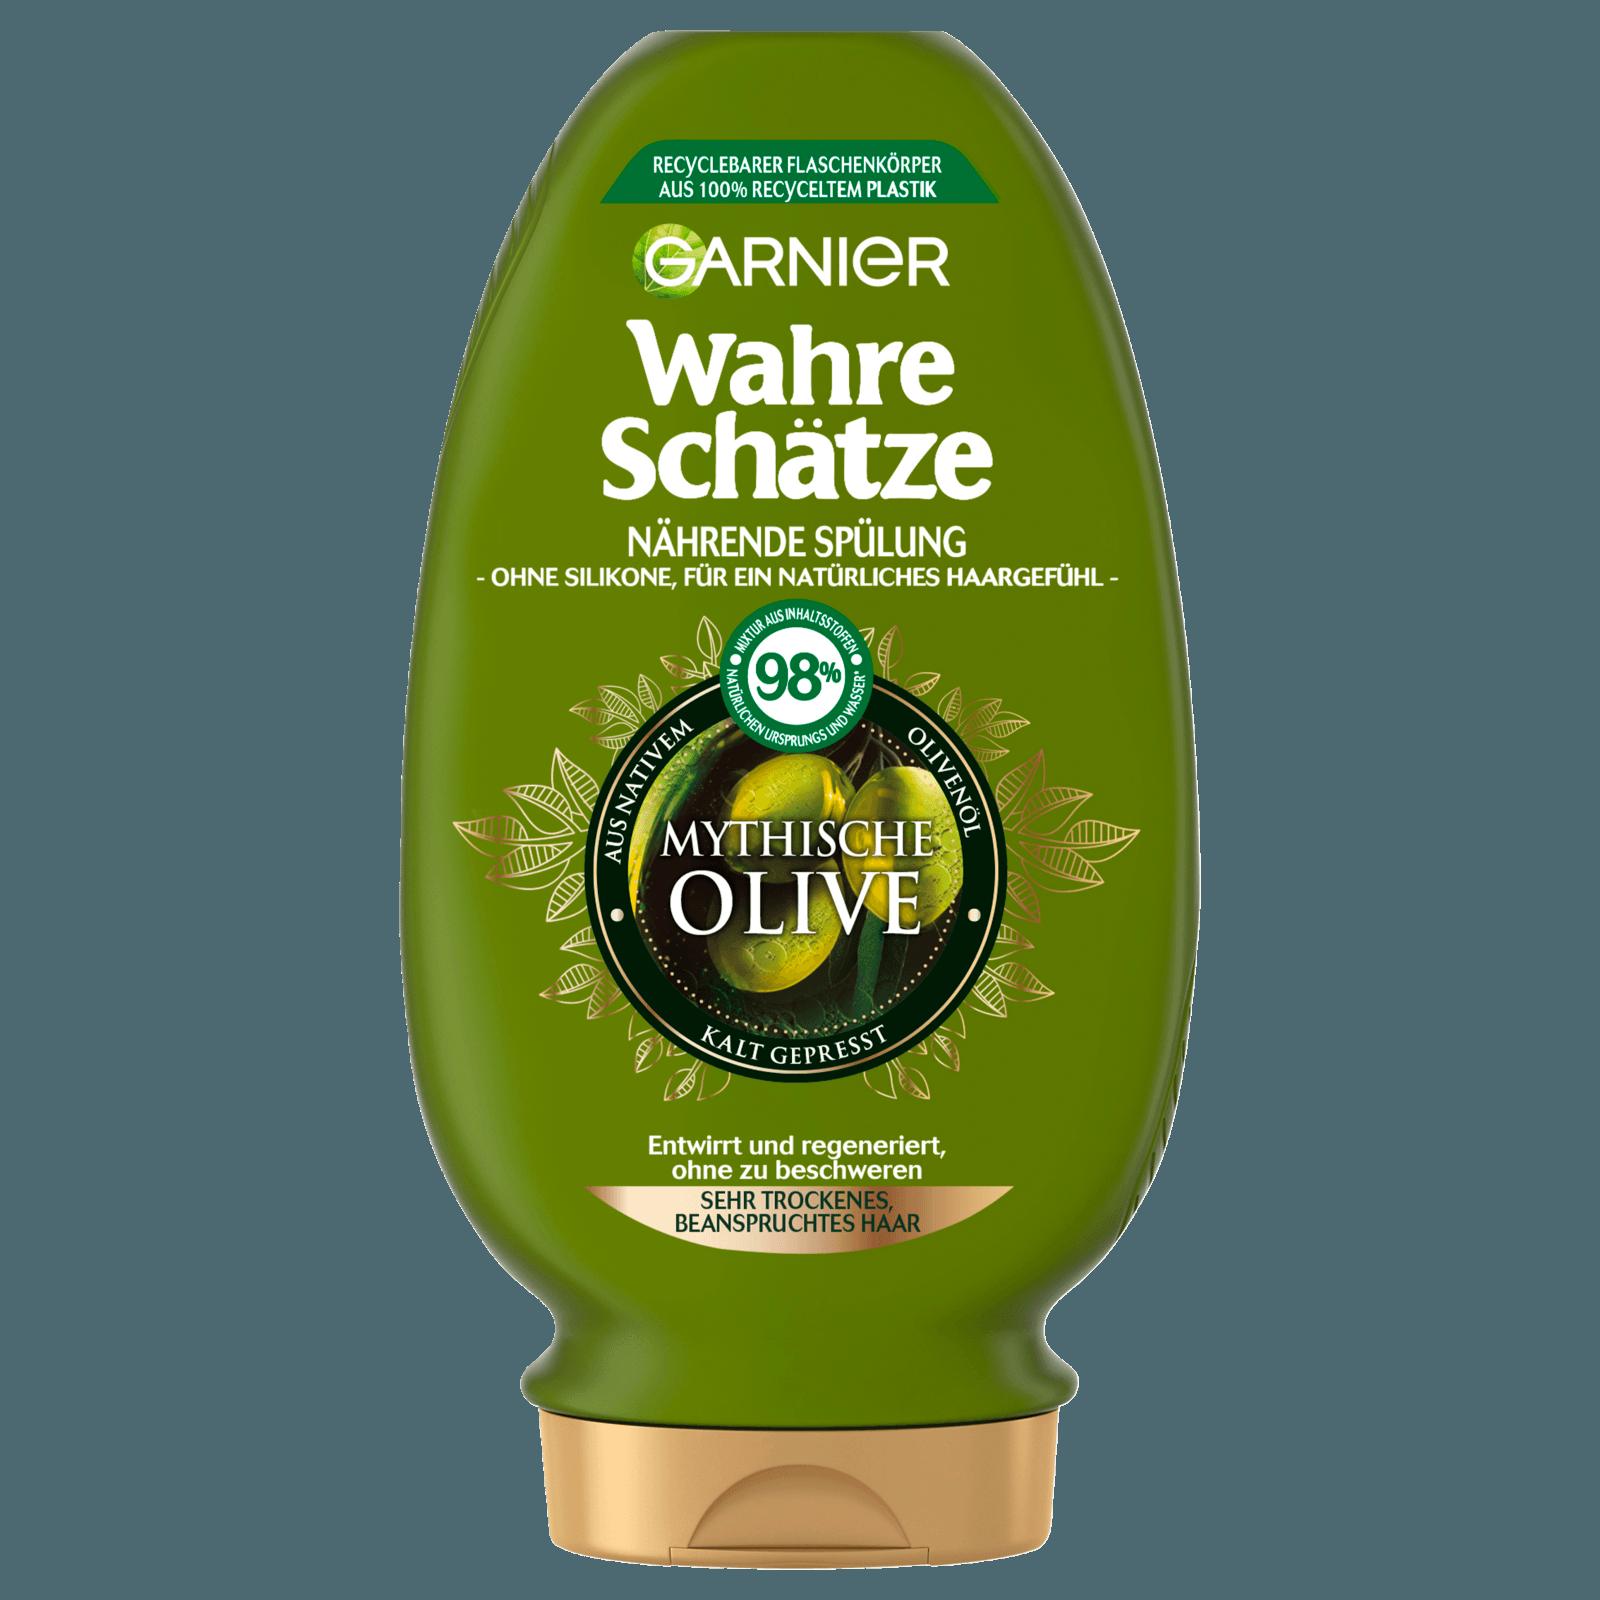 Garnier Wahre Schätze Mythische Olive Spülung 200ml